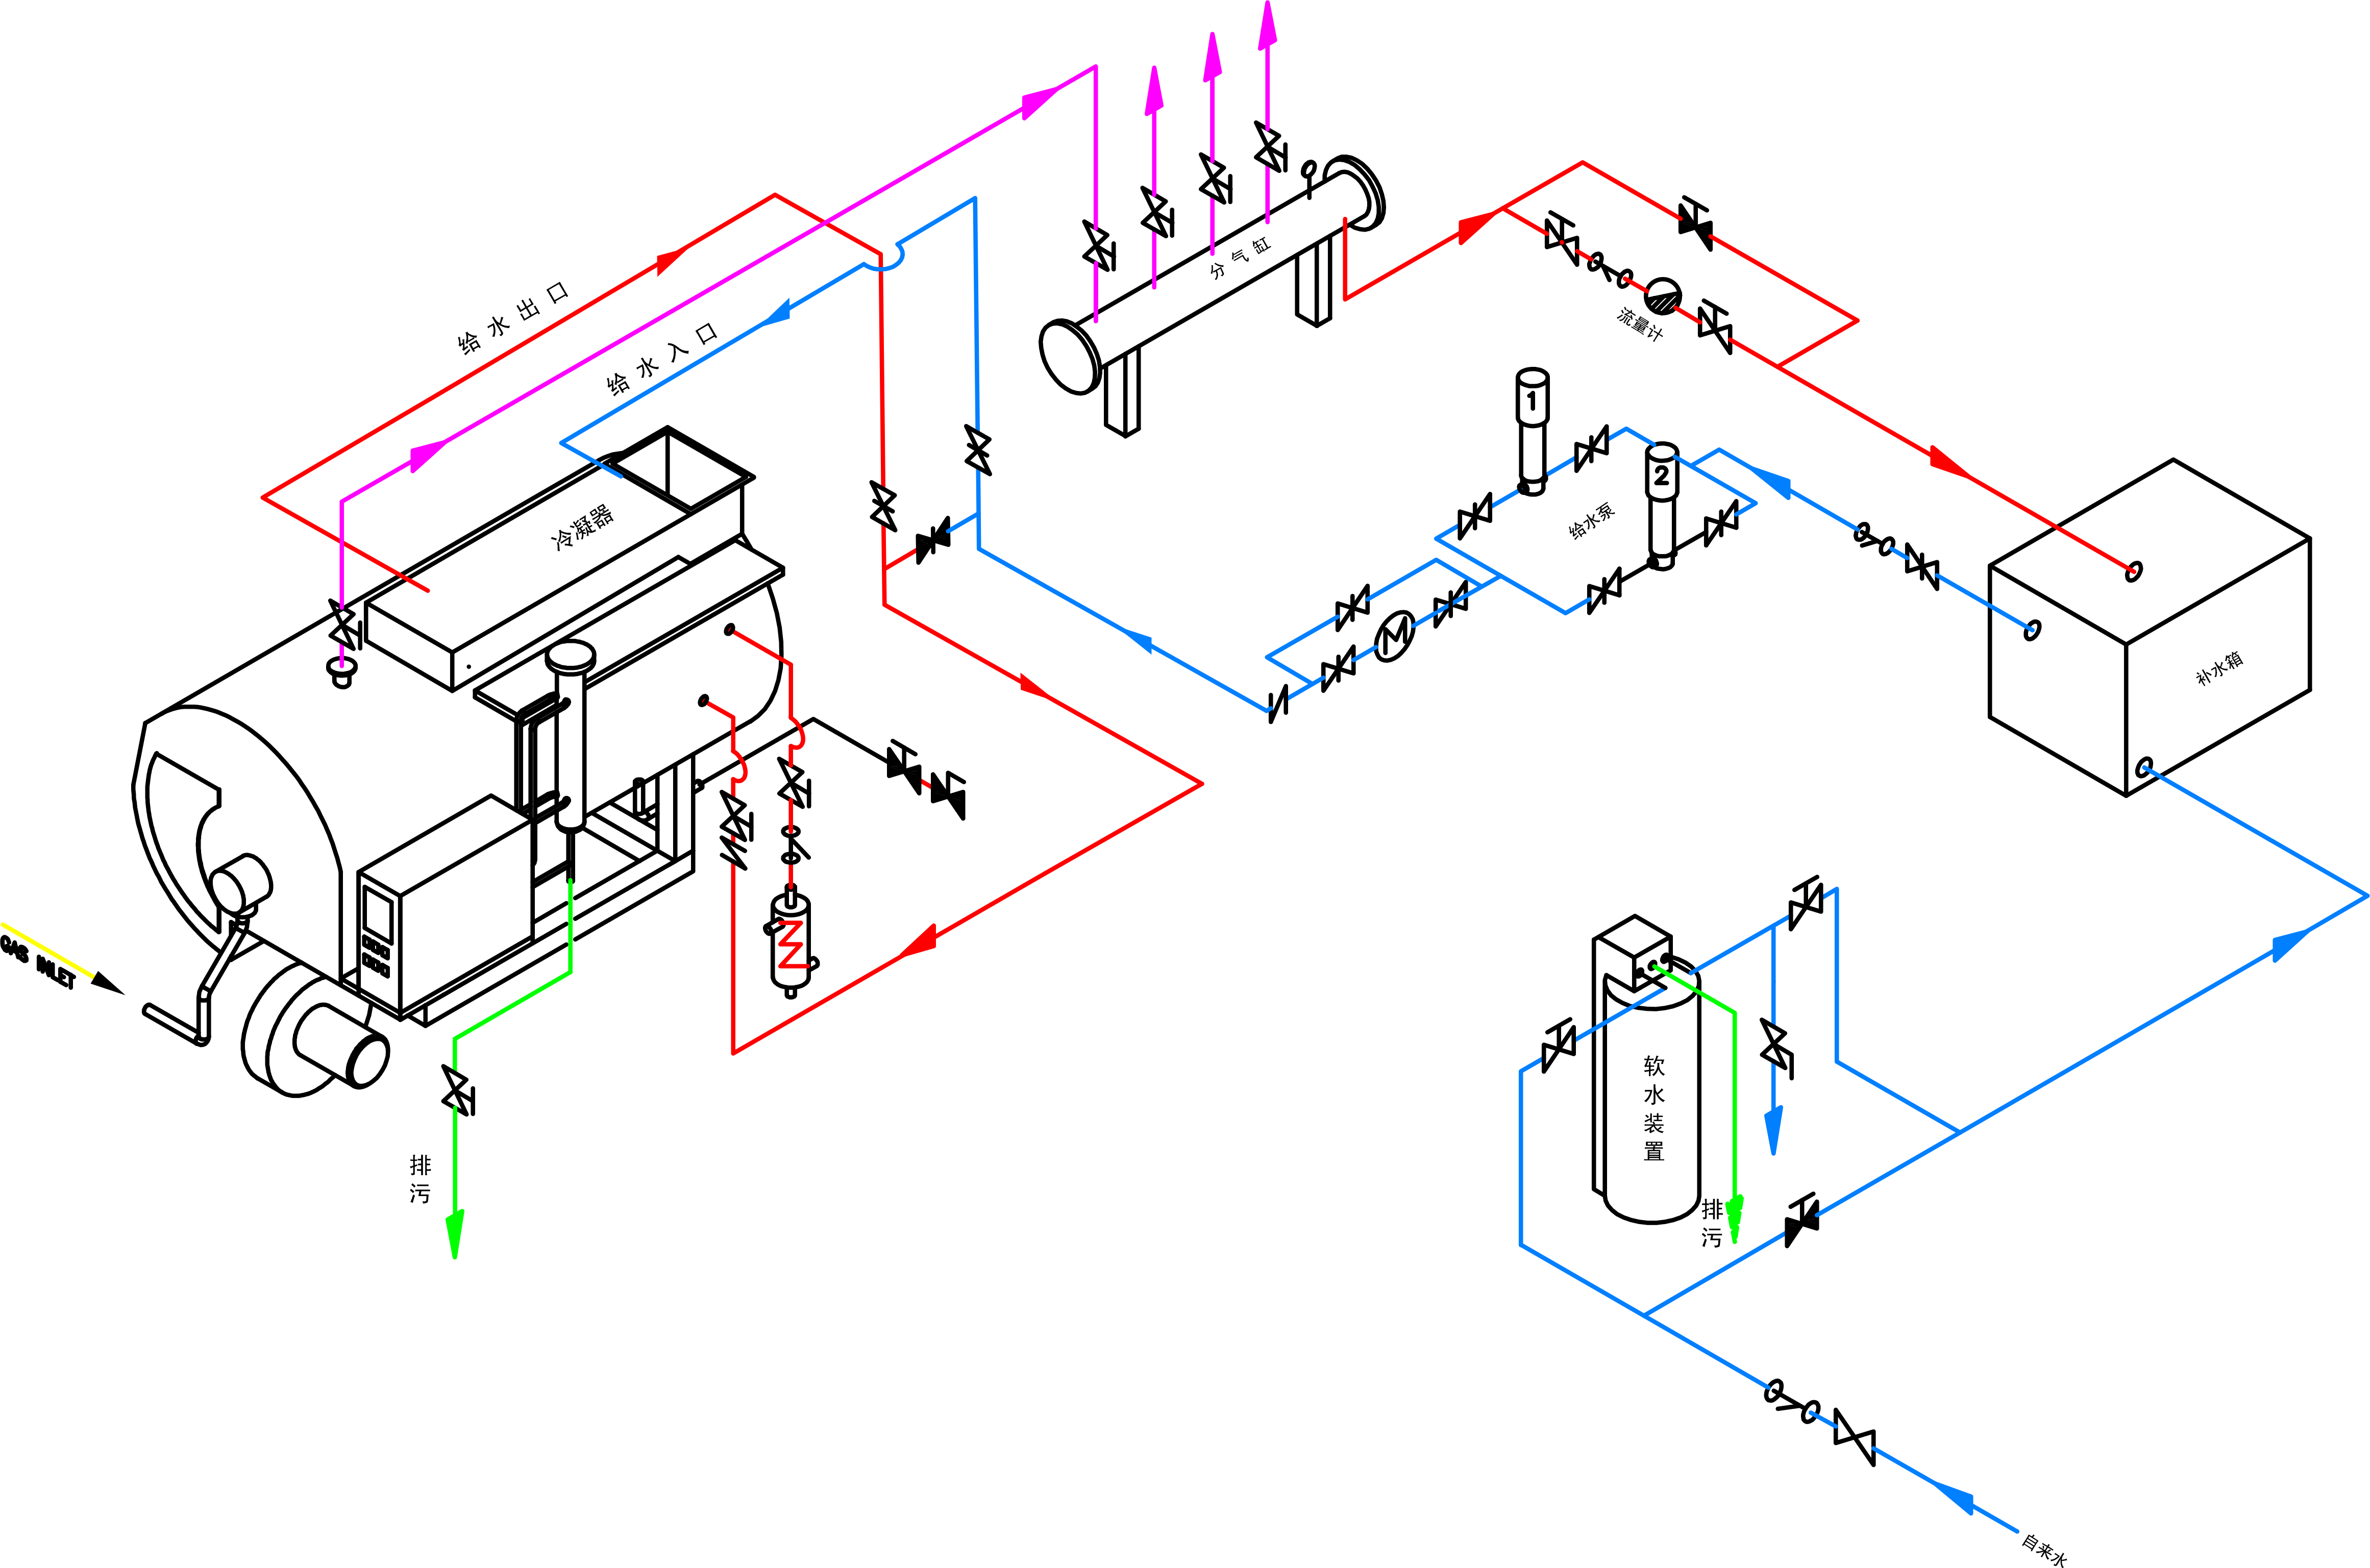 燃气蒸汽锅炉运行原理天然气经过燃烧机燃烧,产生热量,然后由炉体吸收